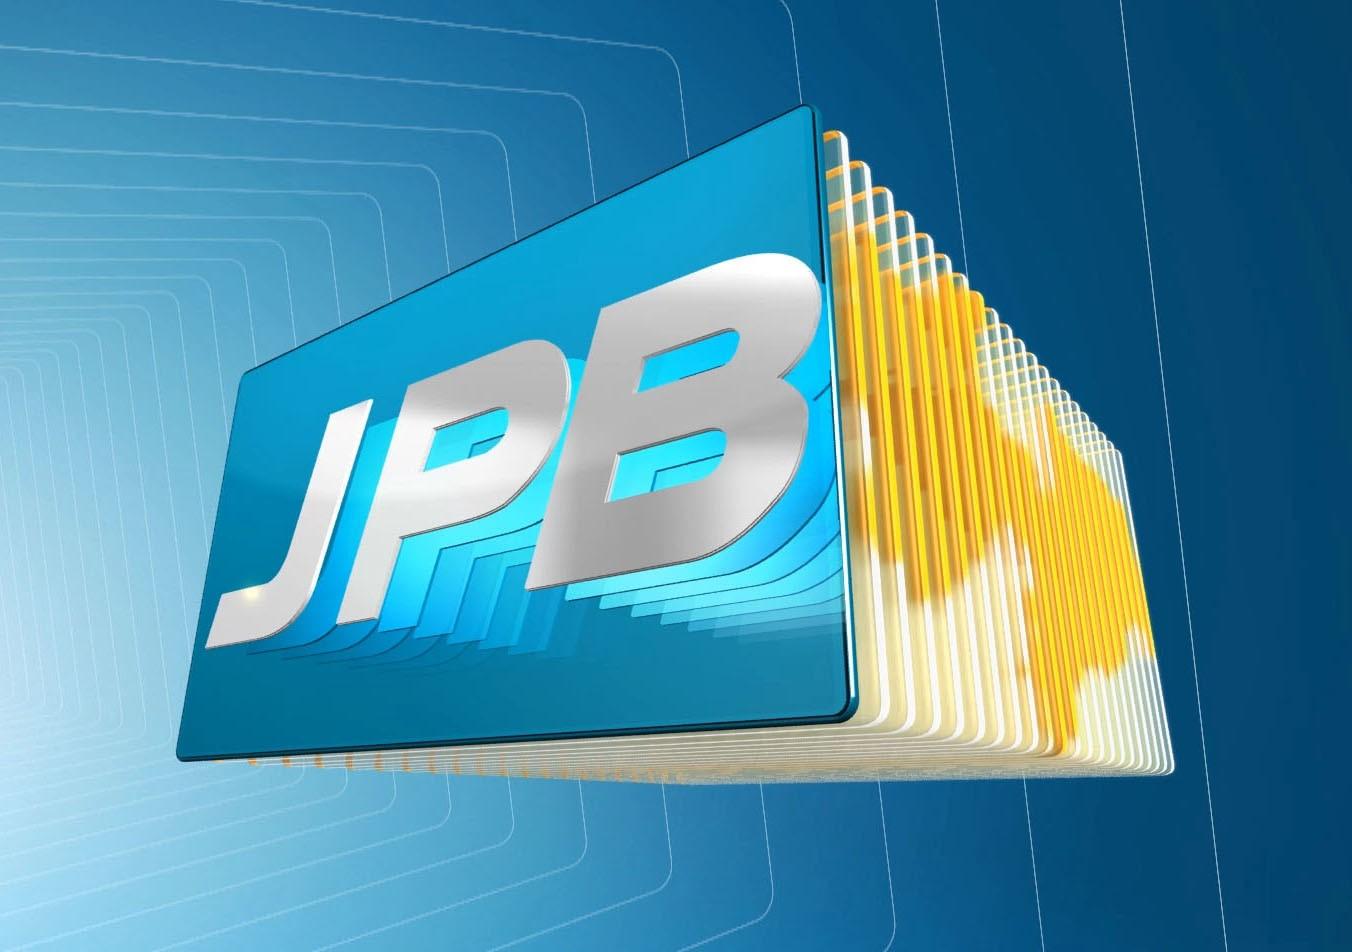 Logo JPB (Foto: Divulgação)